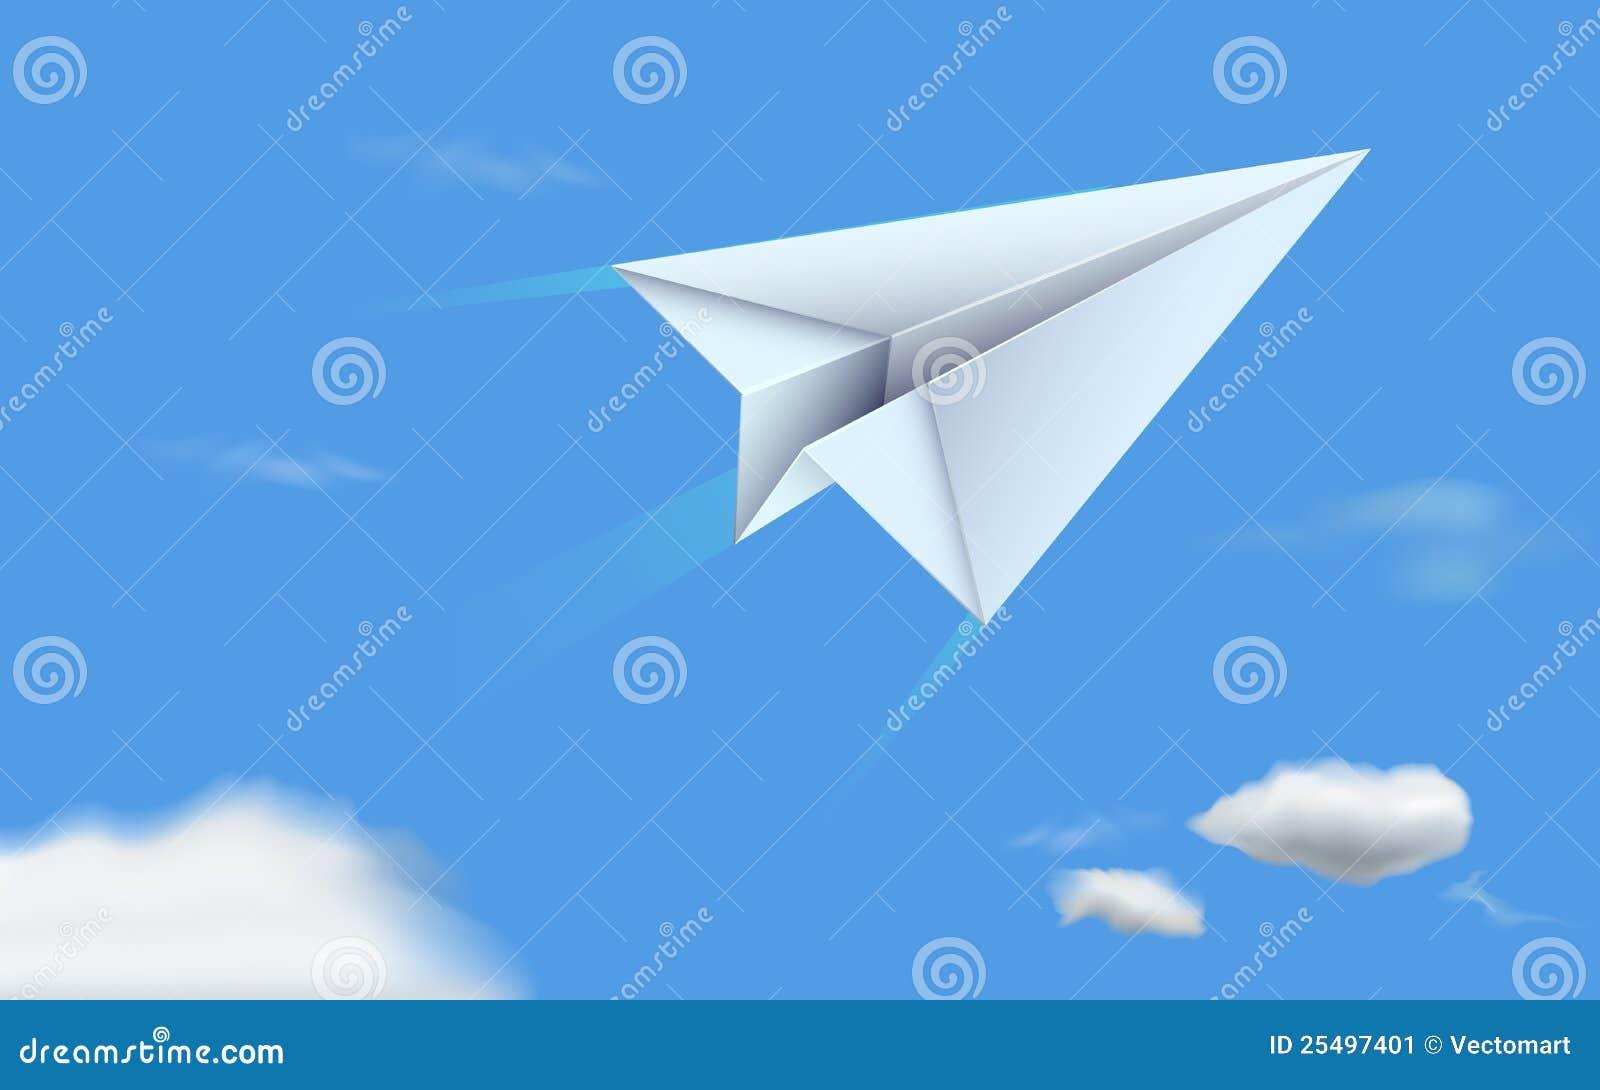 avion de papier en ciel illustration de vecteur illustration du libre 25497401. Black Bedroom Furniture Sets. Home Design Ideas